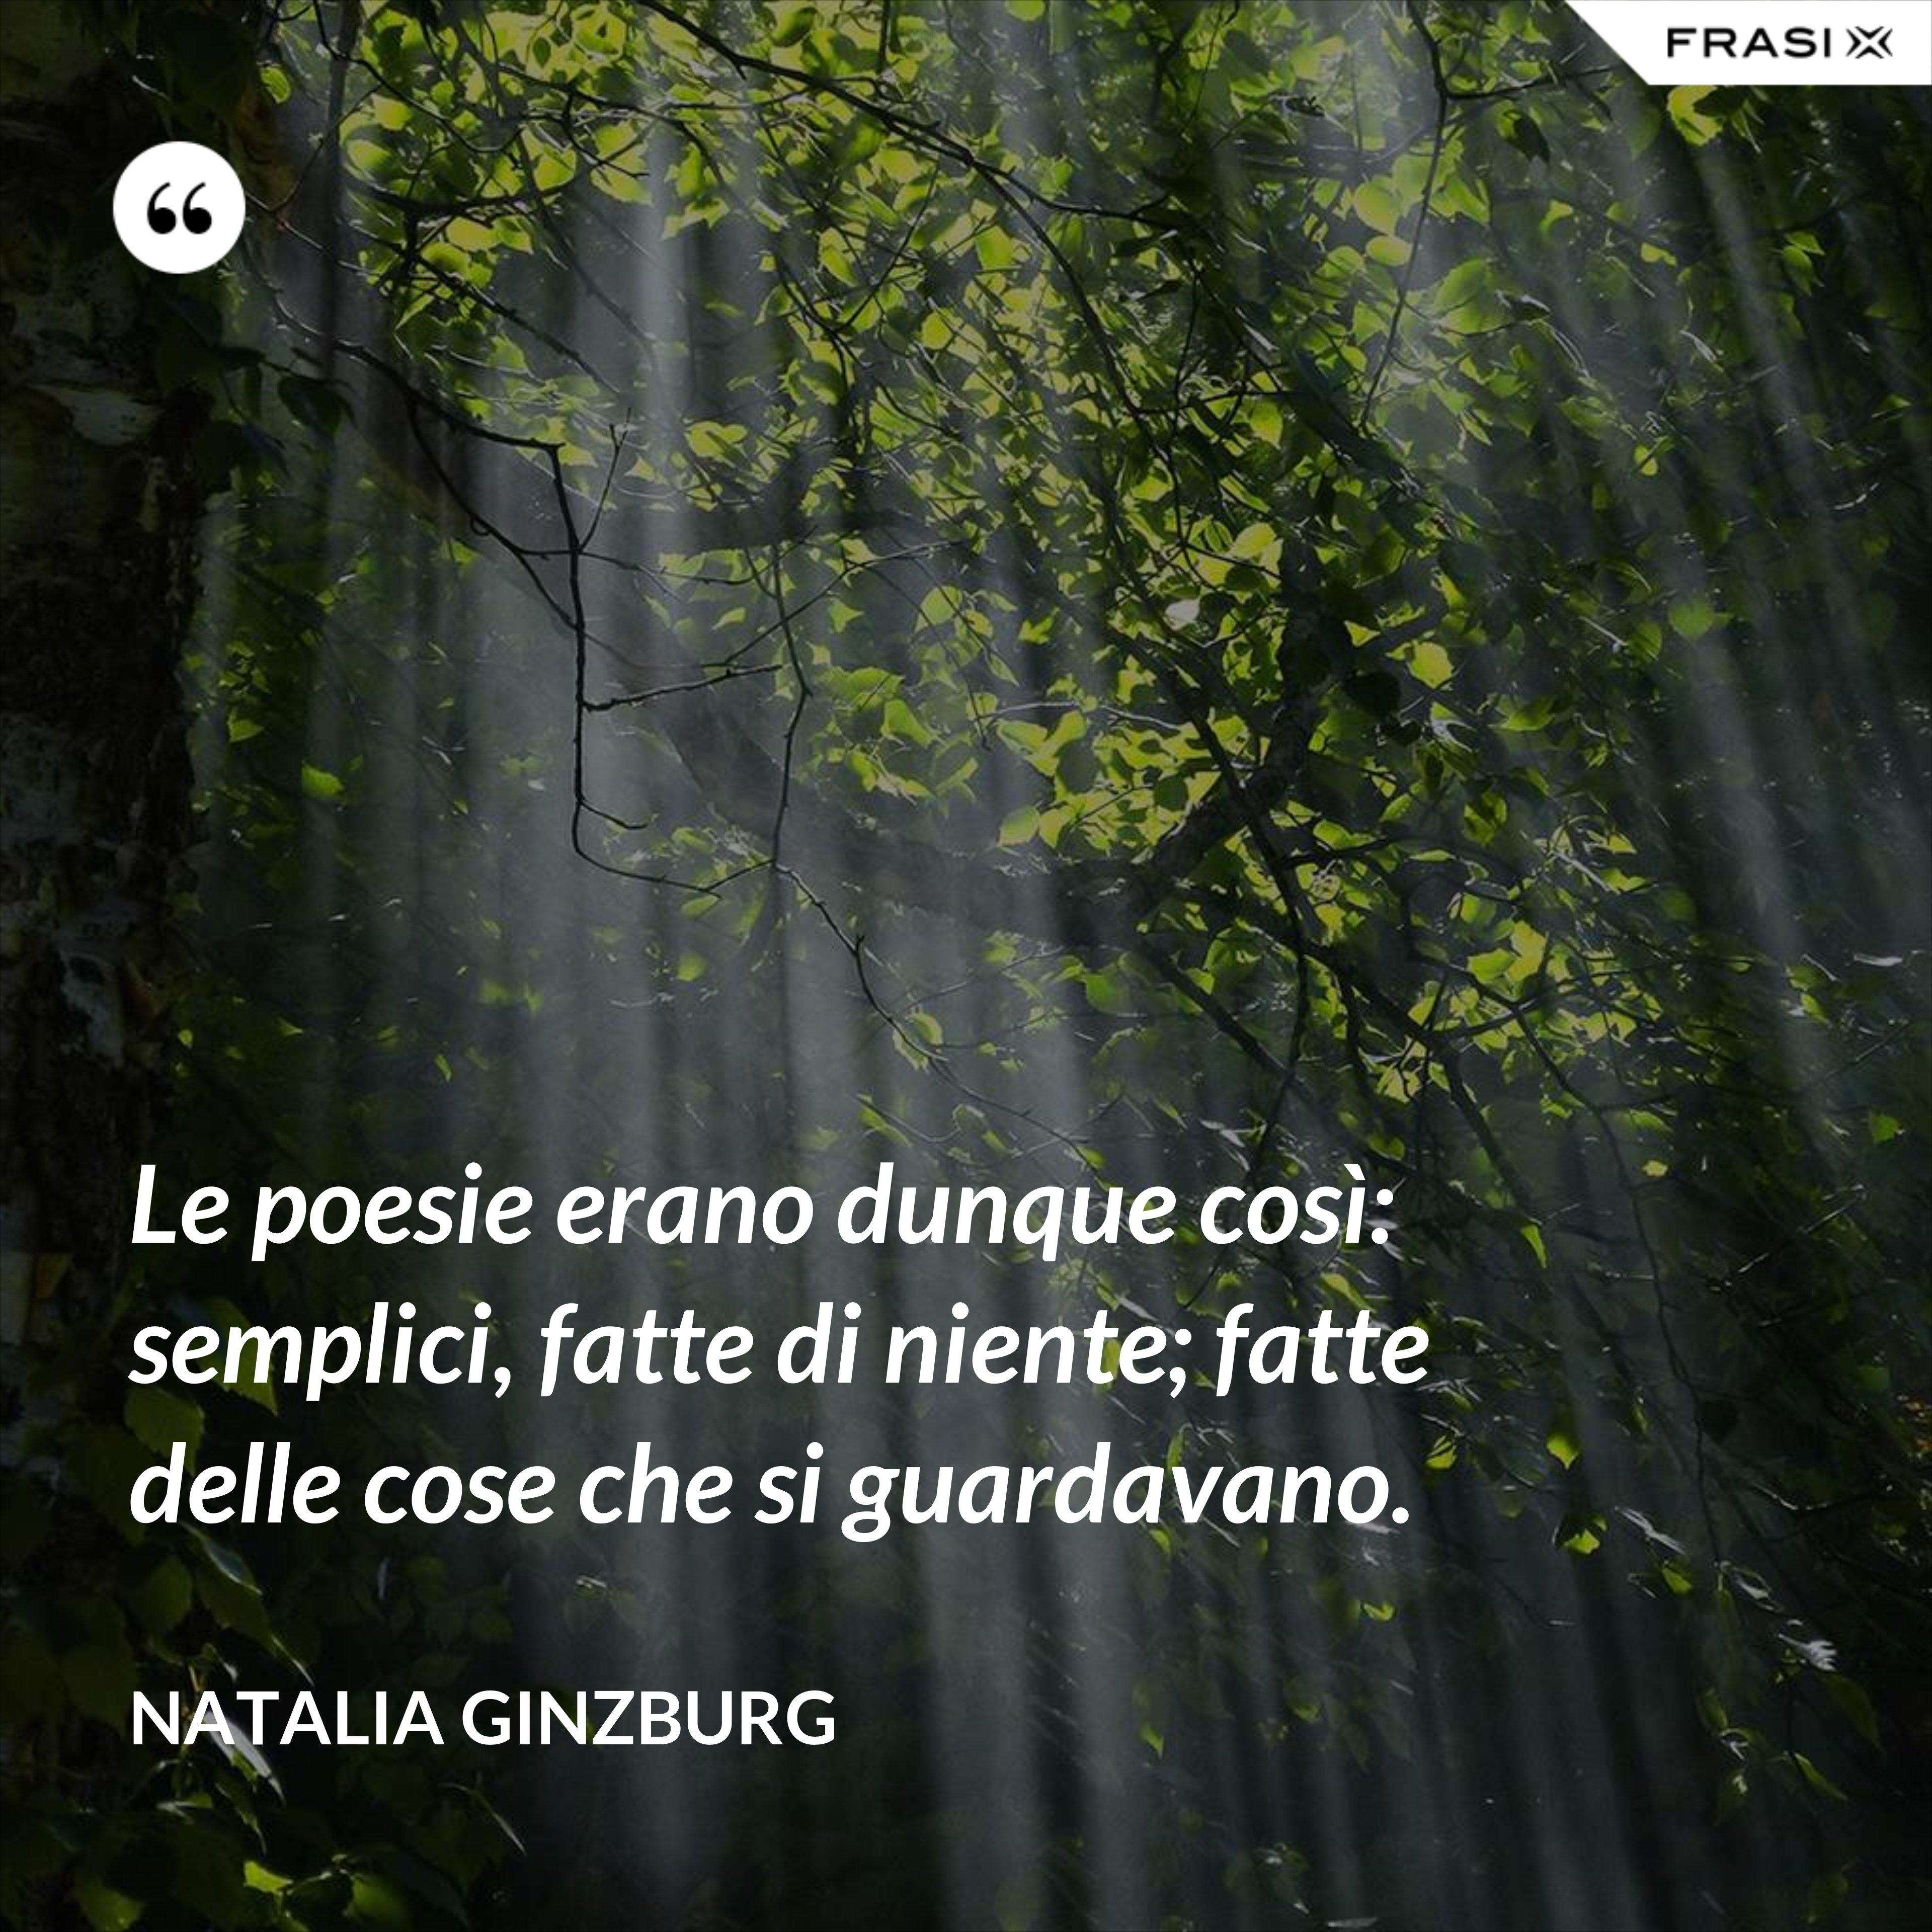 Le poesie erano dunque così: semplici, fatte di niente; fatte delle cose che si guardavano. - Natalia Ginzburg